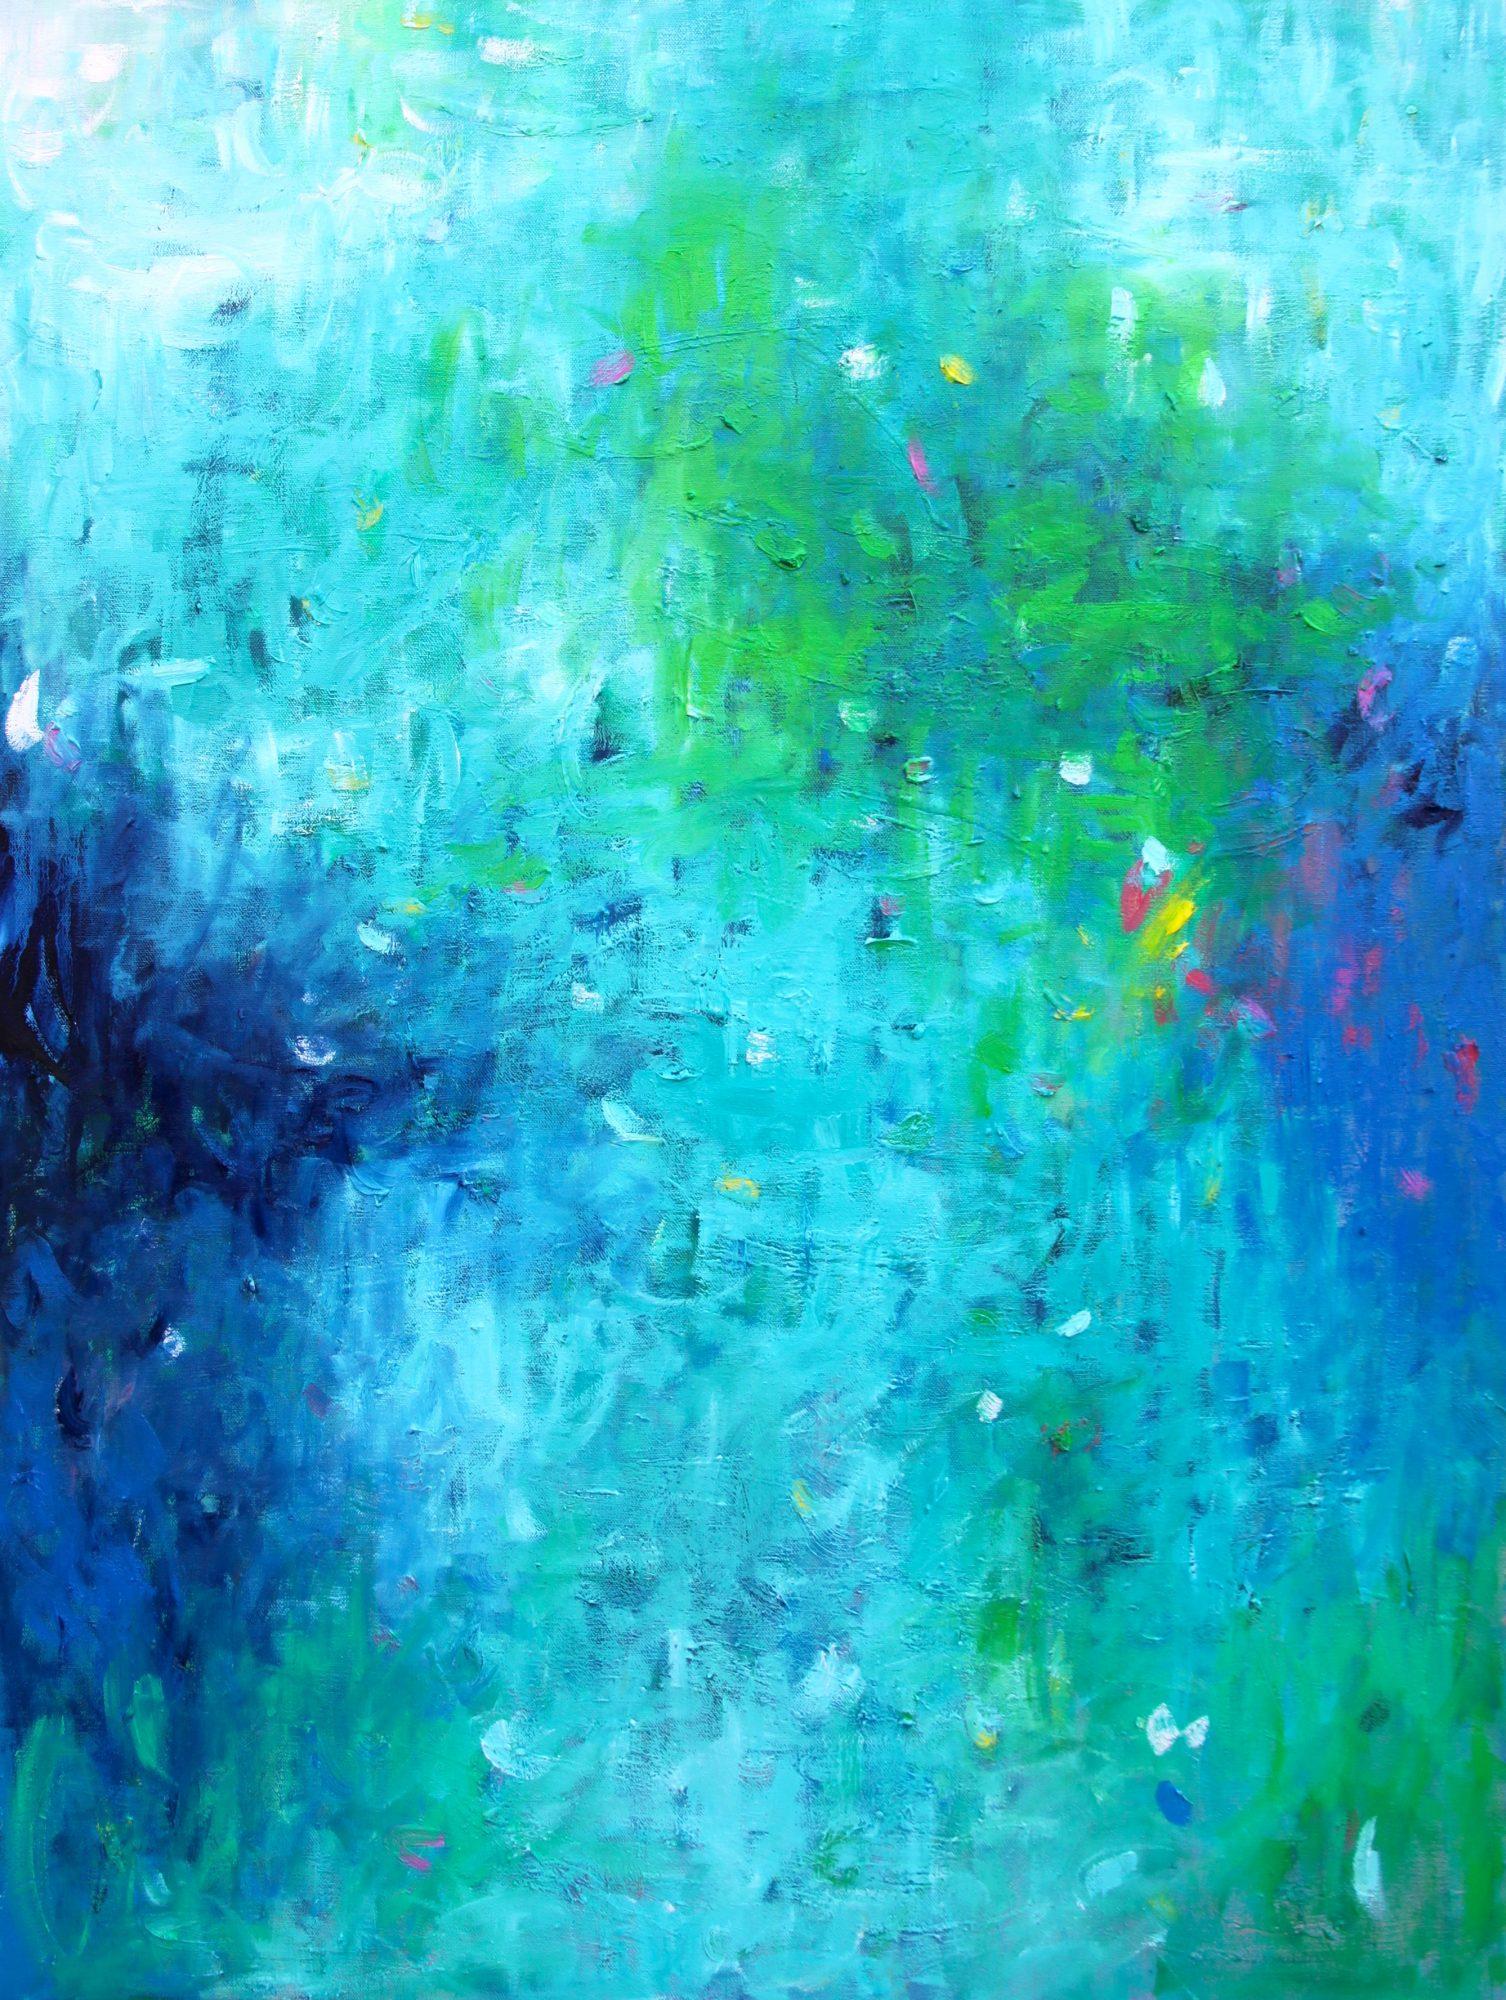 belinda-nadwie-art-sydney-artist-abstract Morning Mist